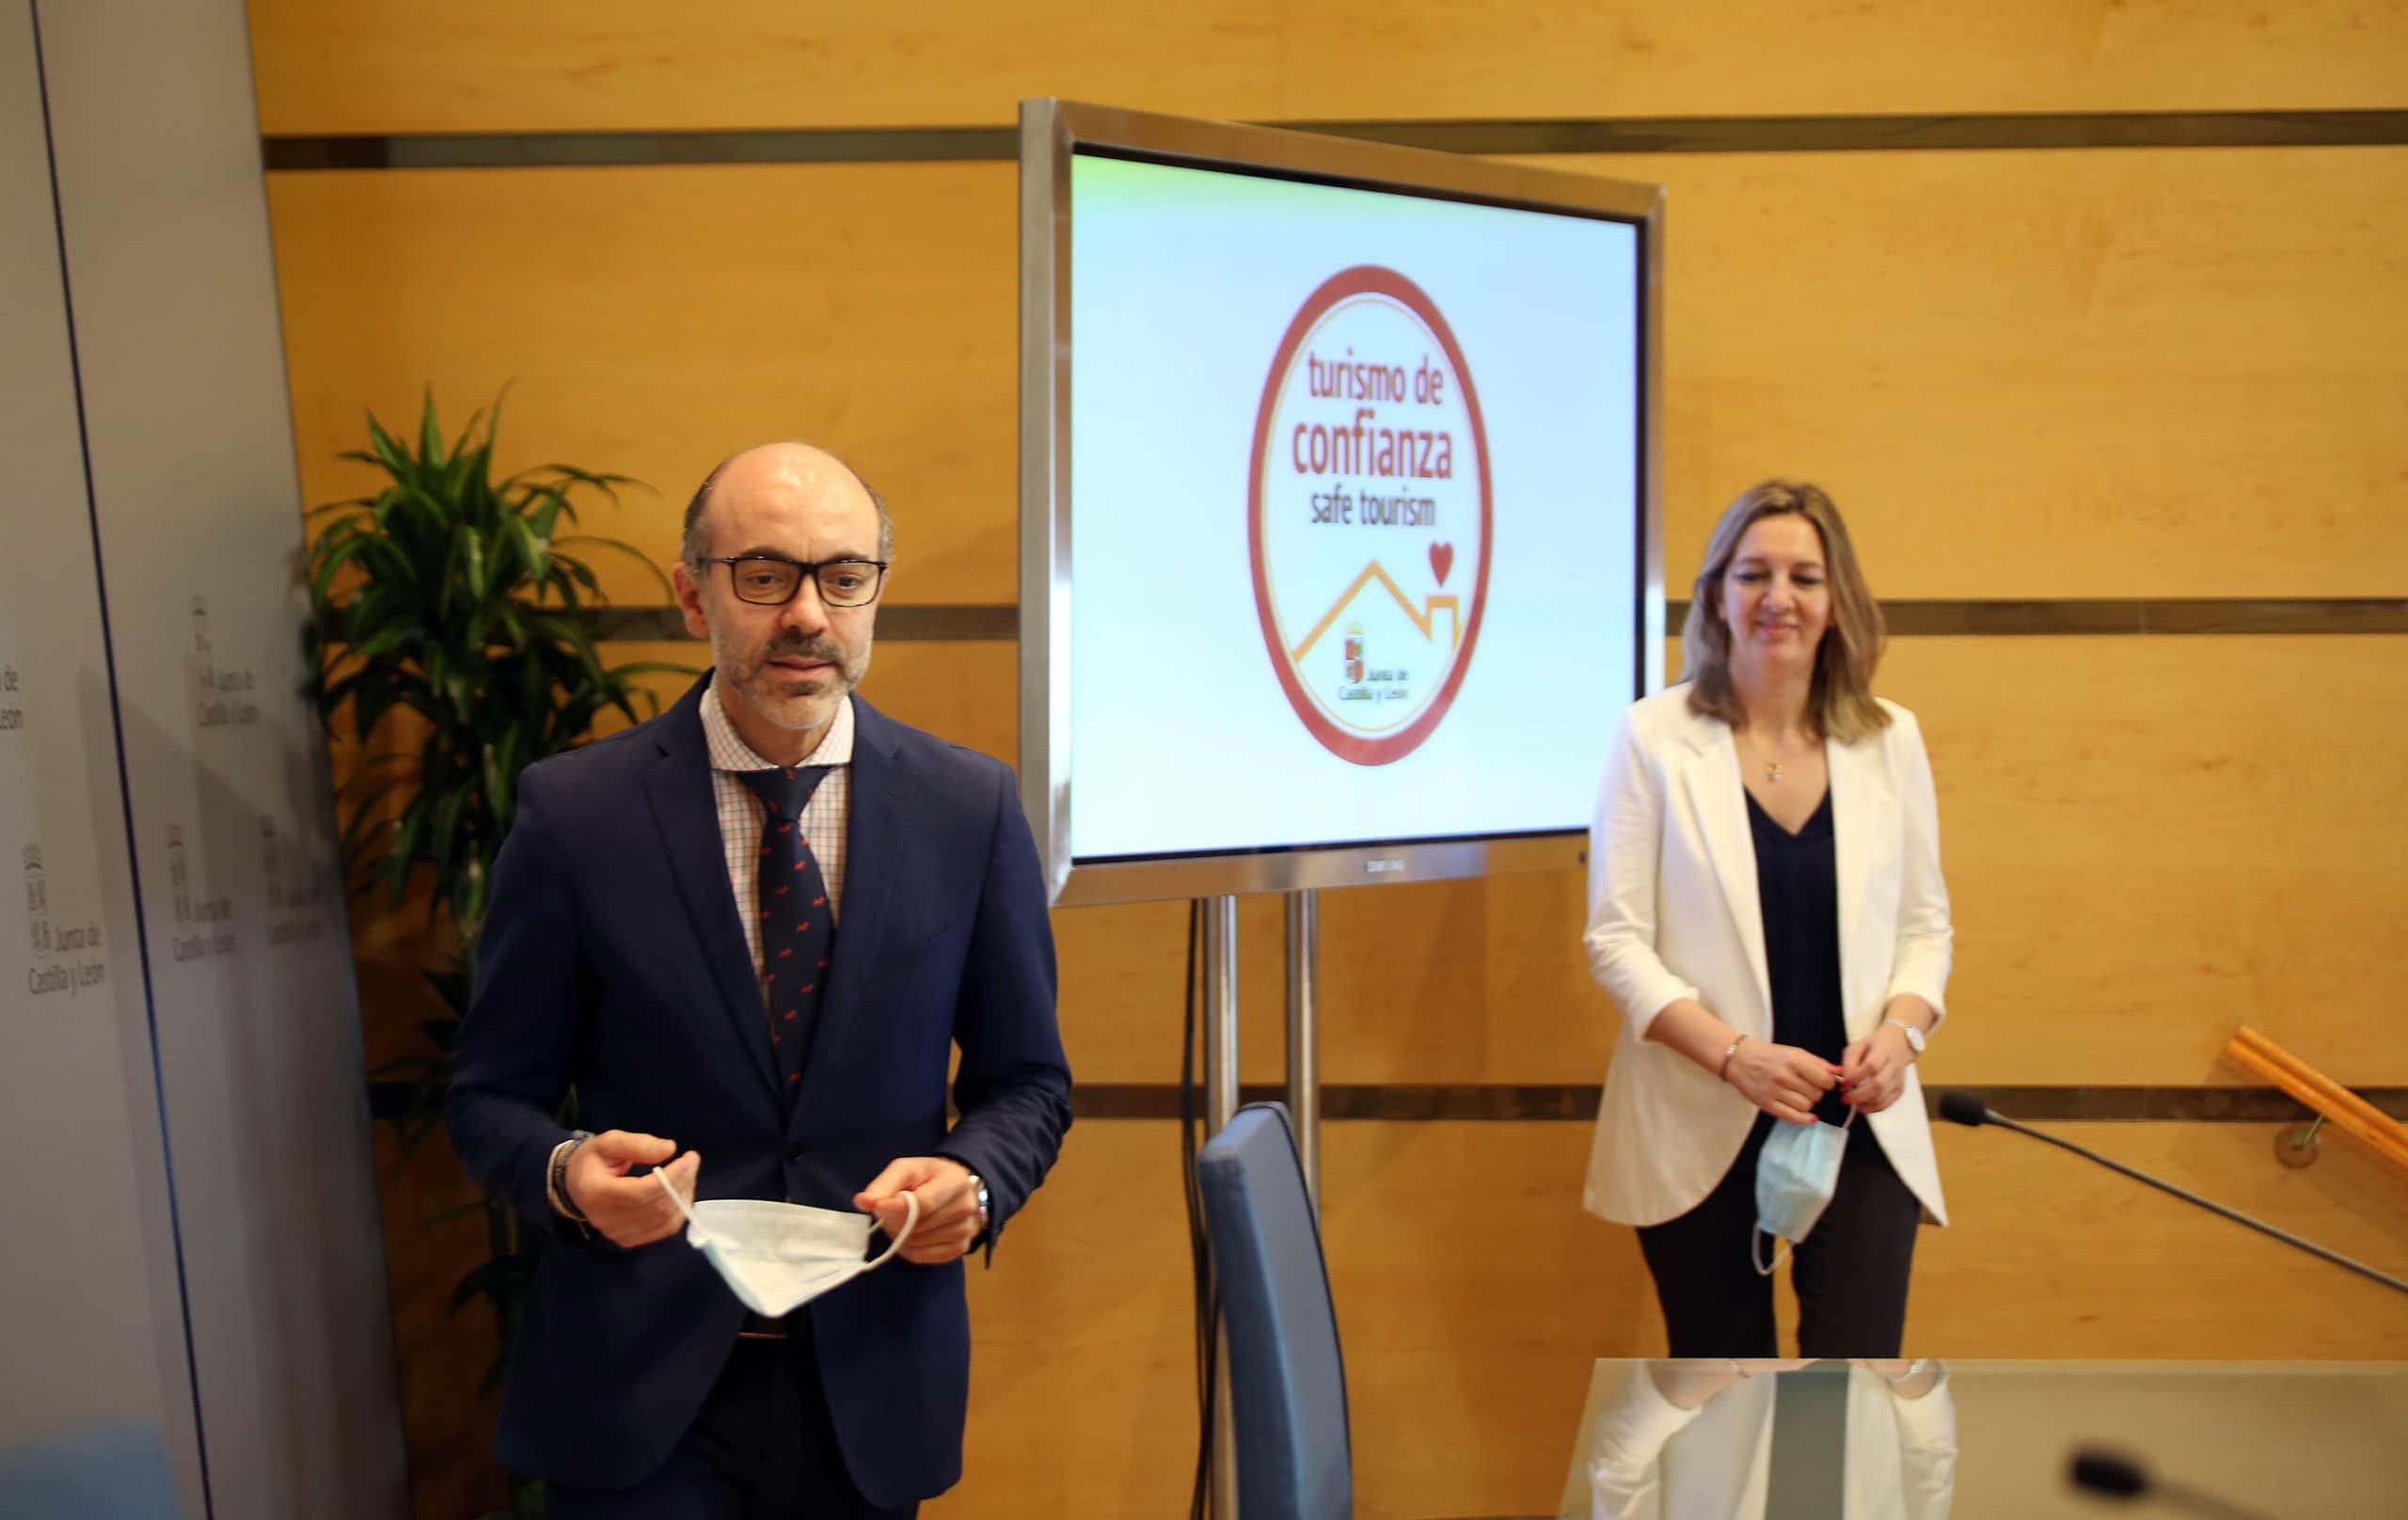 La Consejería de Cultura pone en ruta el sello Turismo de Confianza